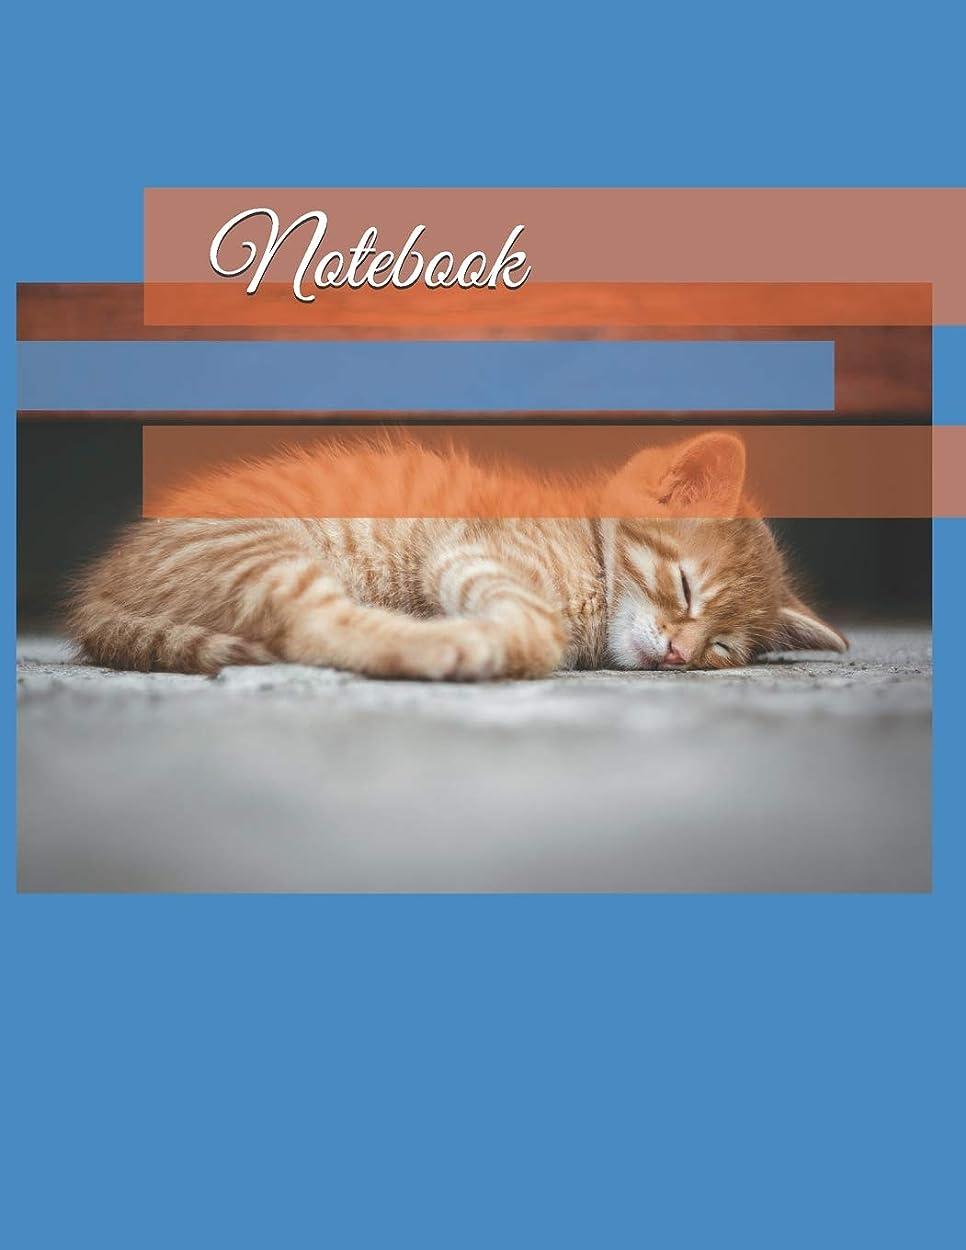 安らぎさびた魔術Notebook: 35 page (8.5 x 11 inch) Large Composition Book, Journal, Diary, Cat Watermark Picture on Lined Pages